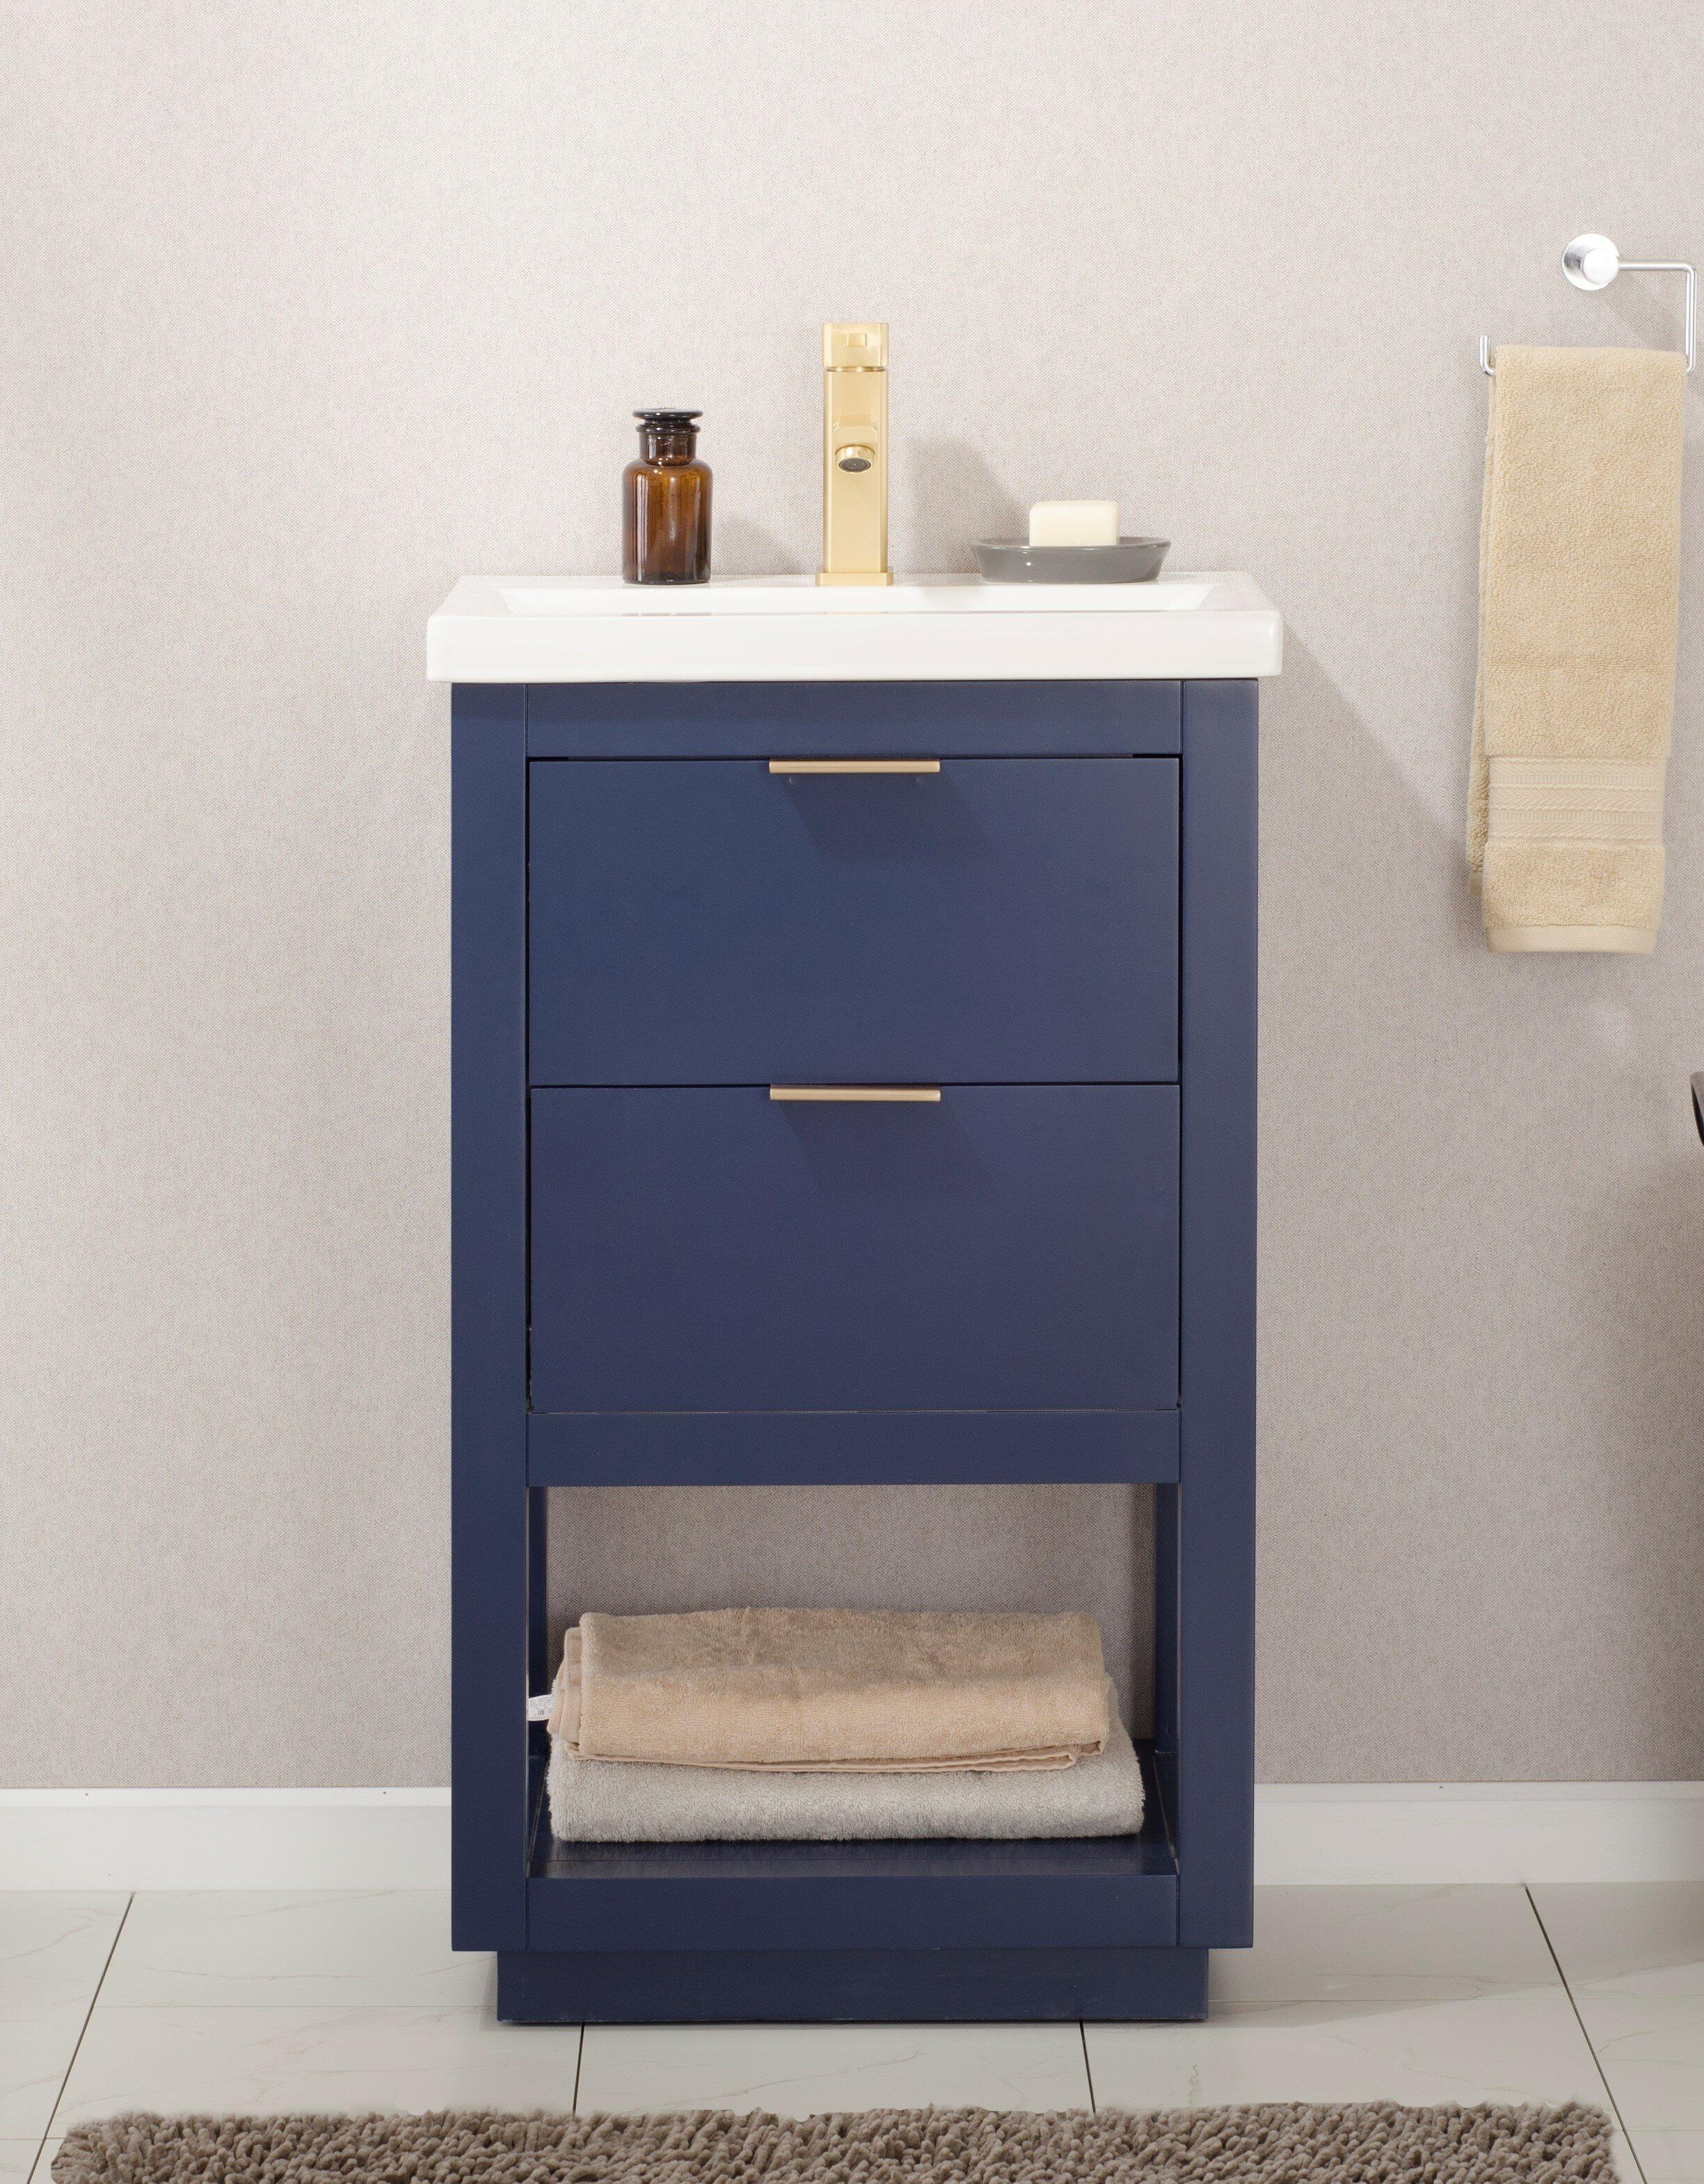 Brayden Studio Eanes 20 Single Bathroom Vanity Set Reviews Wayfair